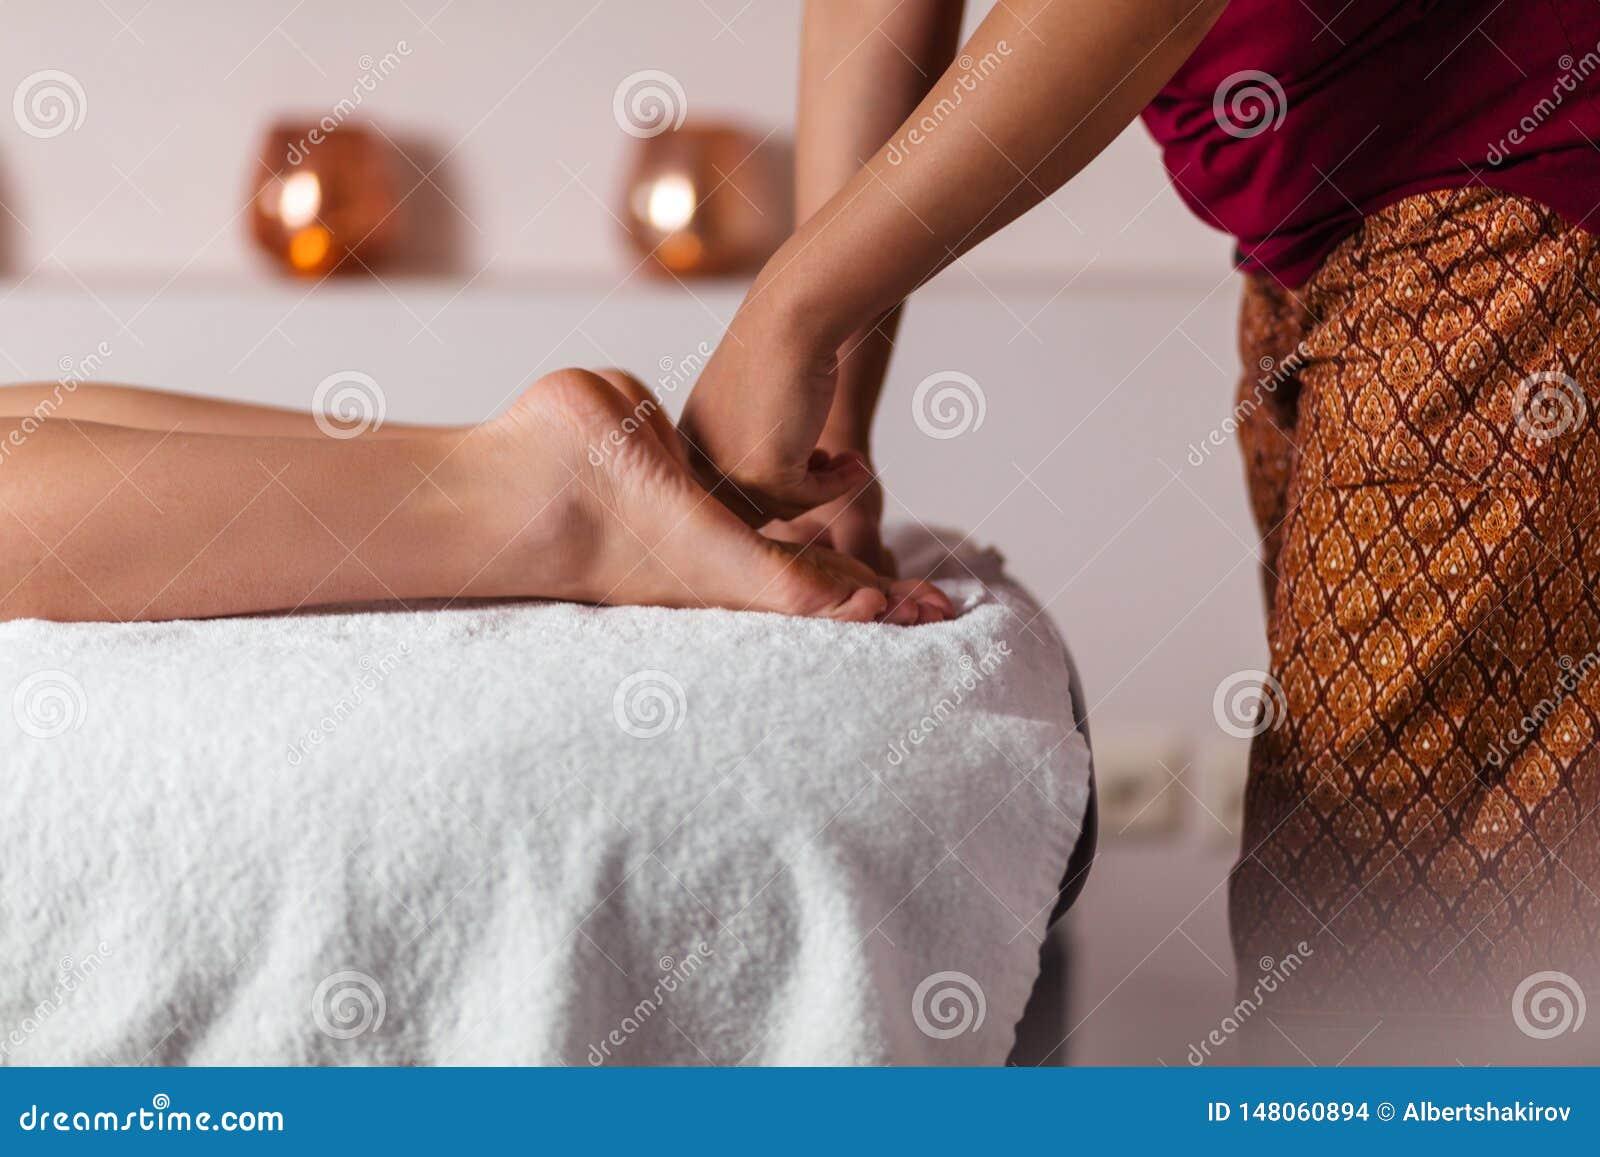 Processus de masser des pieds dans le salon de beauté